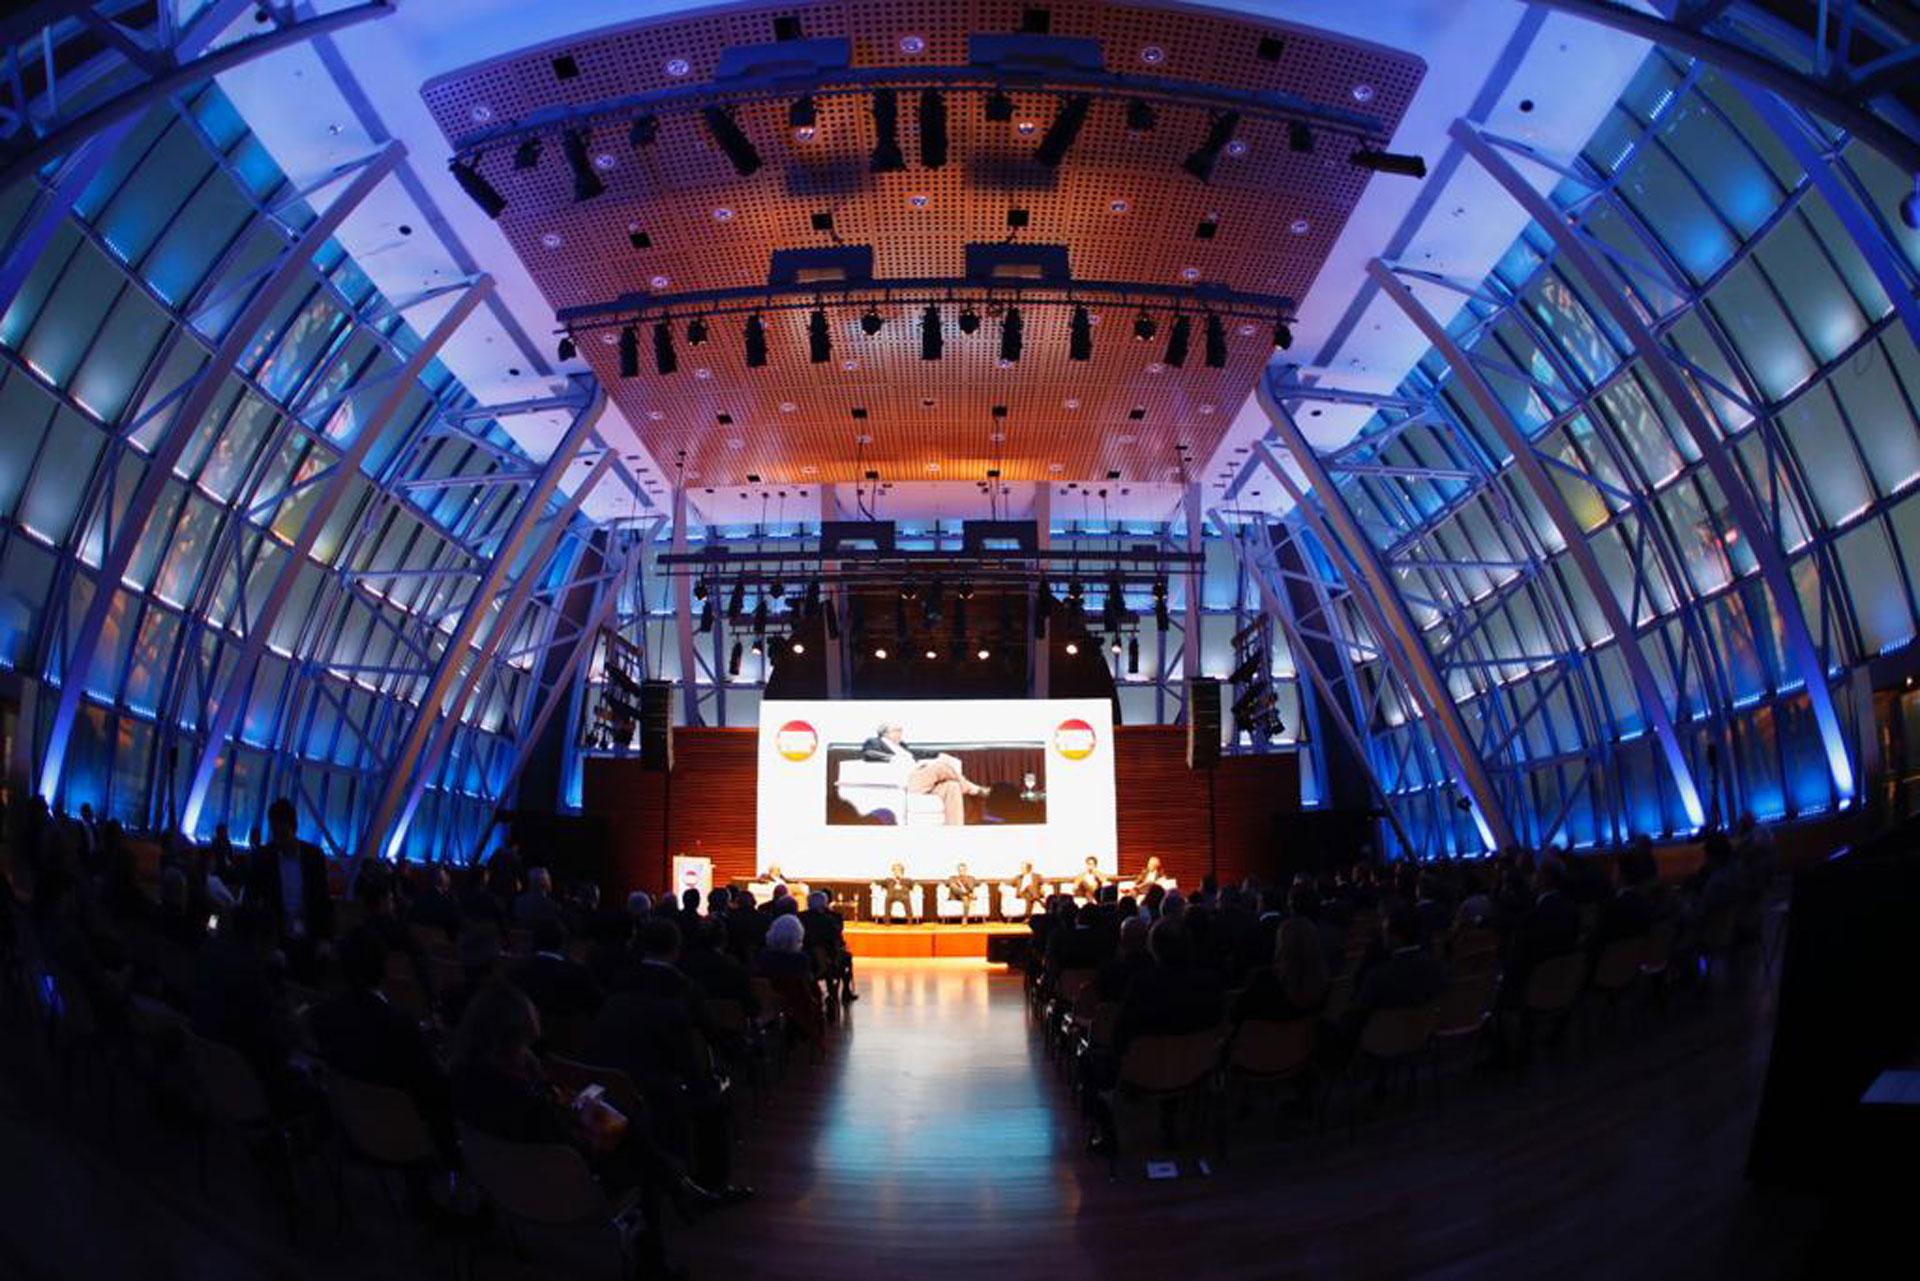 La cúpula del CCK que recibió al gran evento